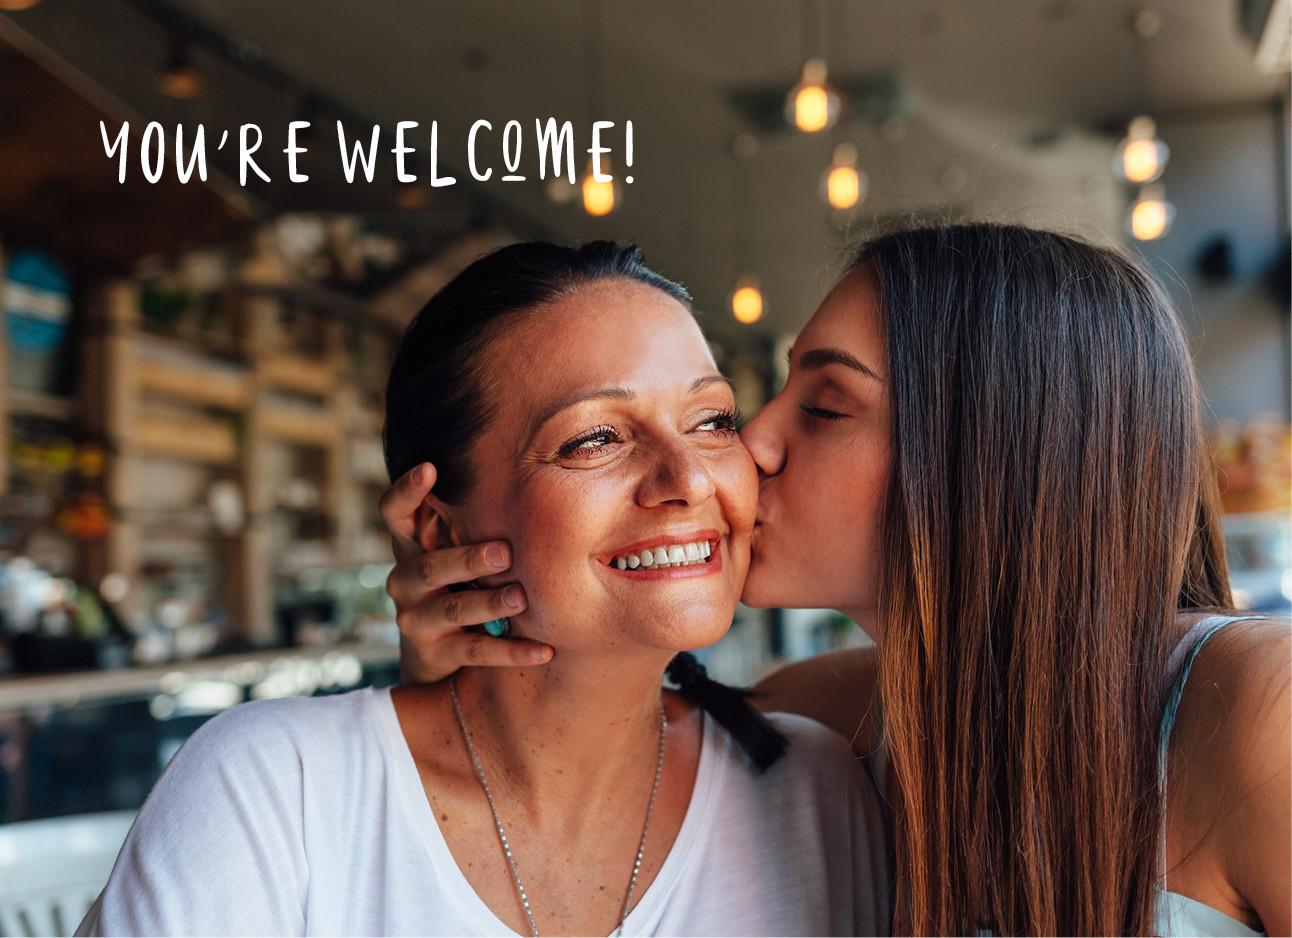 dochter geeft moeder een kus op de wang, de moeder lacht en draagt een wit t-shirt, foto is genomen in een restaurant youre welcome